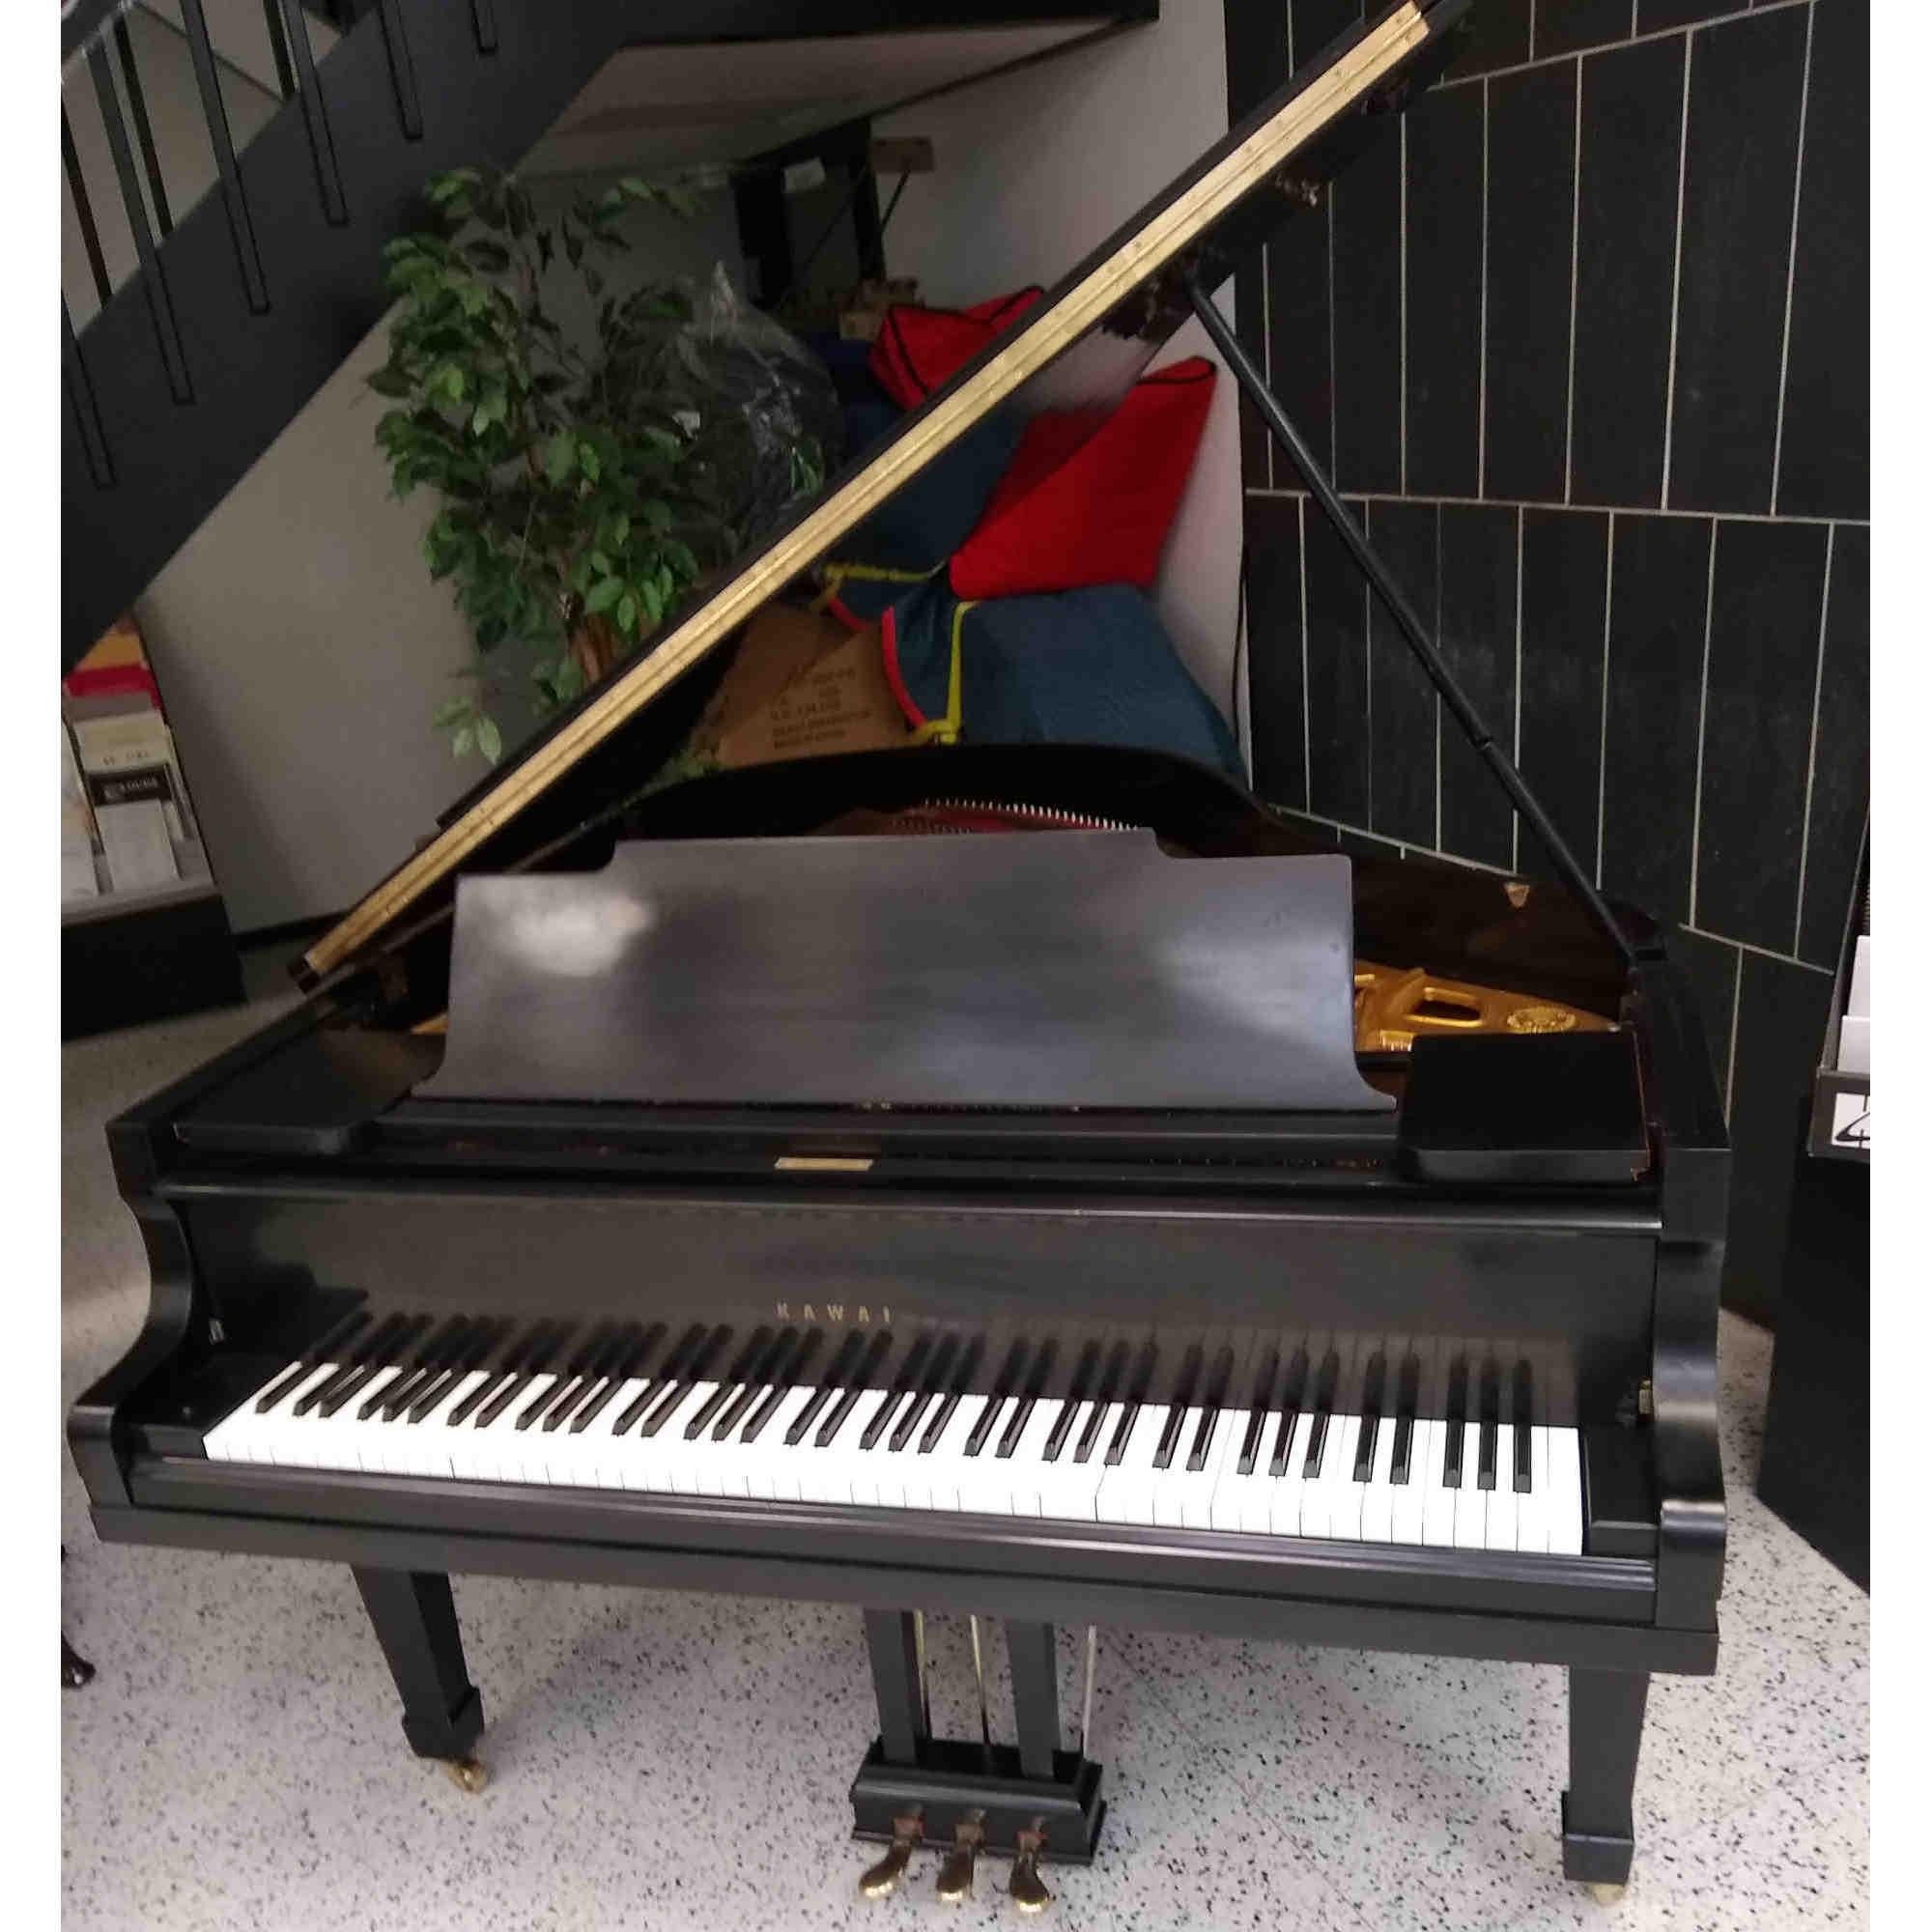 Kawai Grand Piano - Ebony Satin